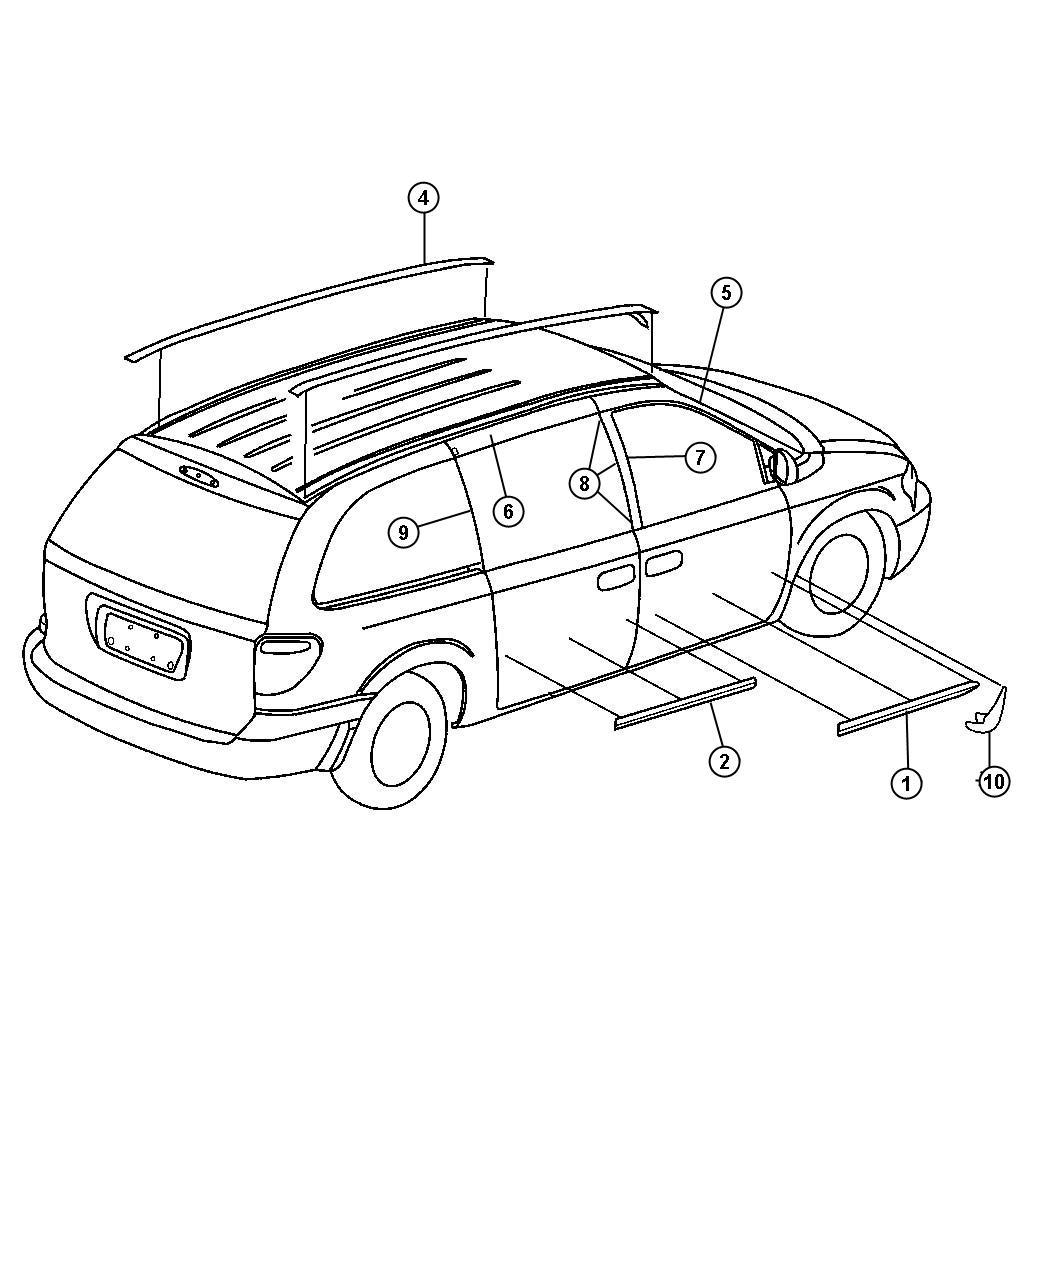 Dodge Grand Caravan Sxt 3 8l V6 Molding Roof Right